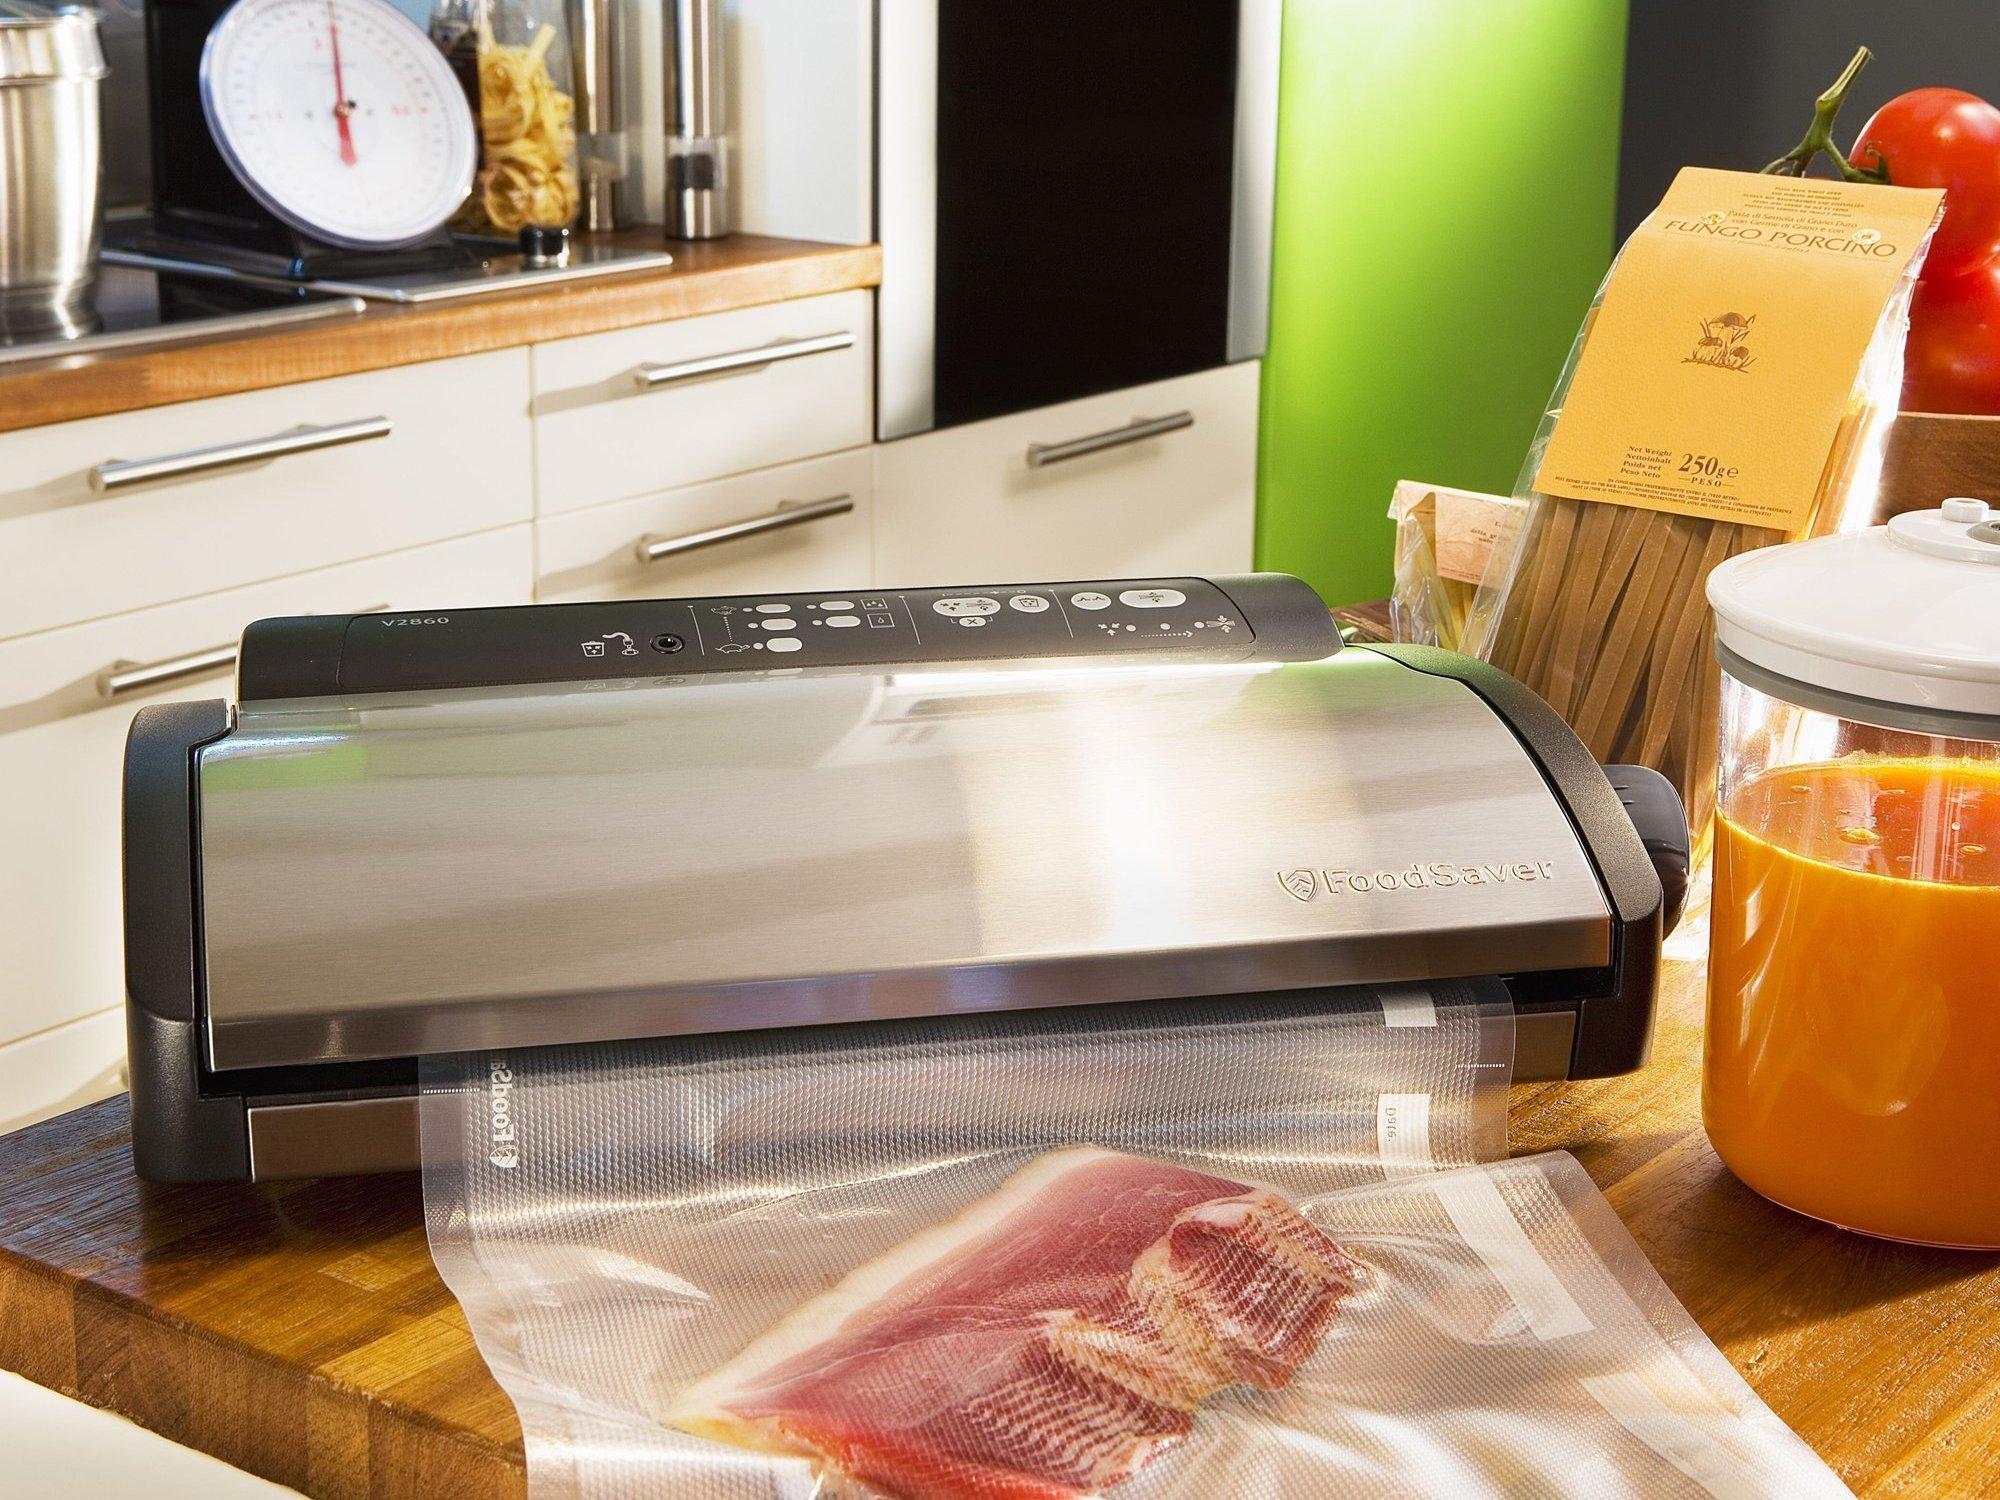 Appareil de mise sous vide automatique Food Saver V2860I - 3 vitesses